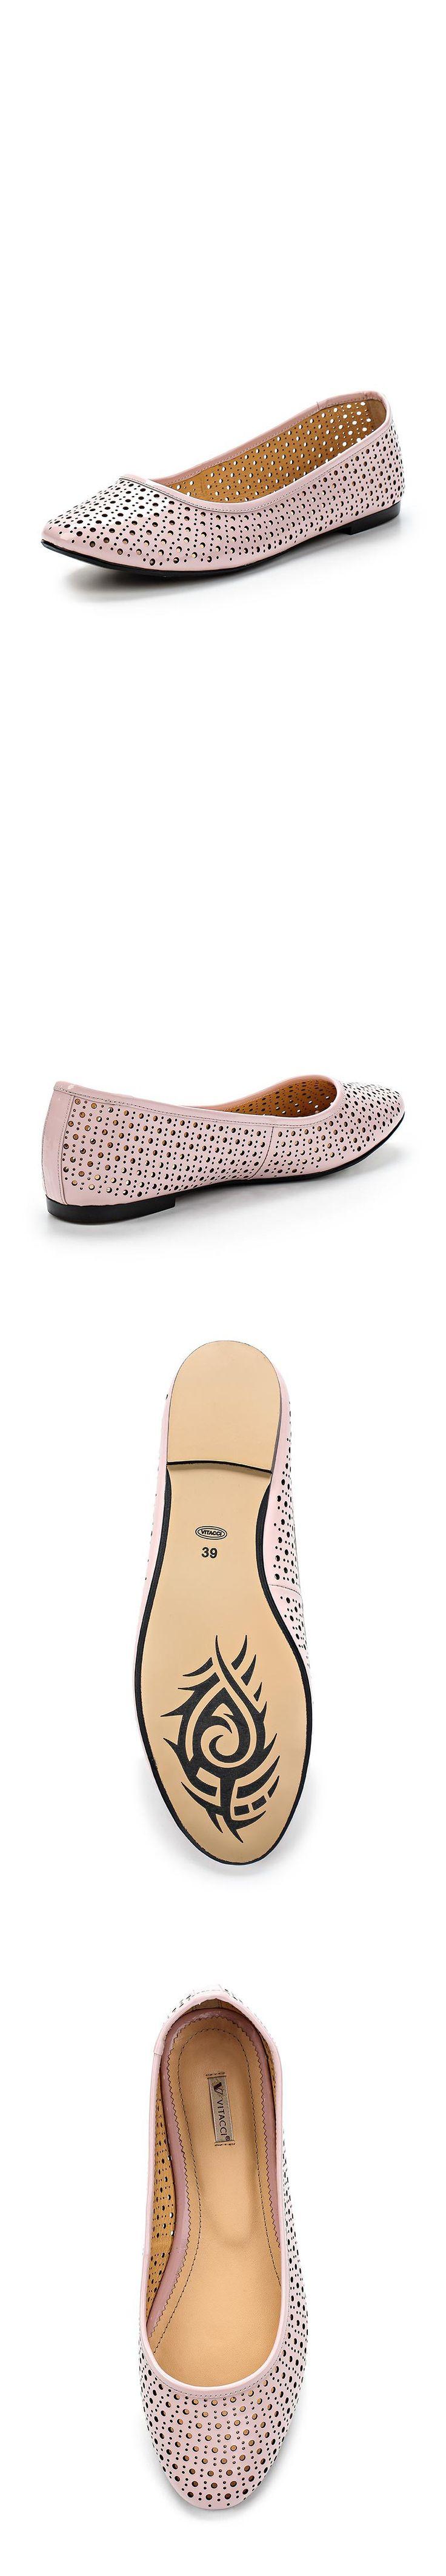 Женская обувь балетки Vitacci за 6899.00 руб.